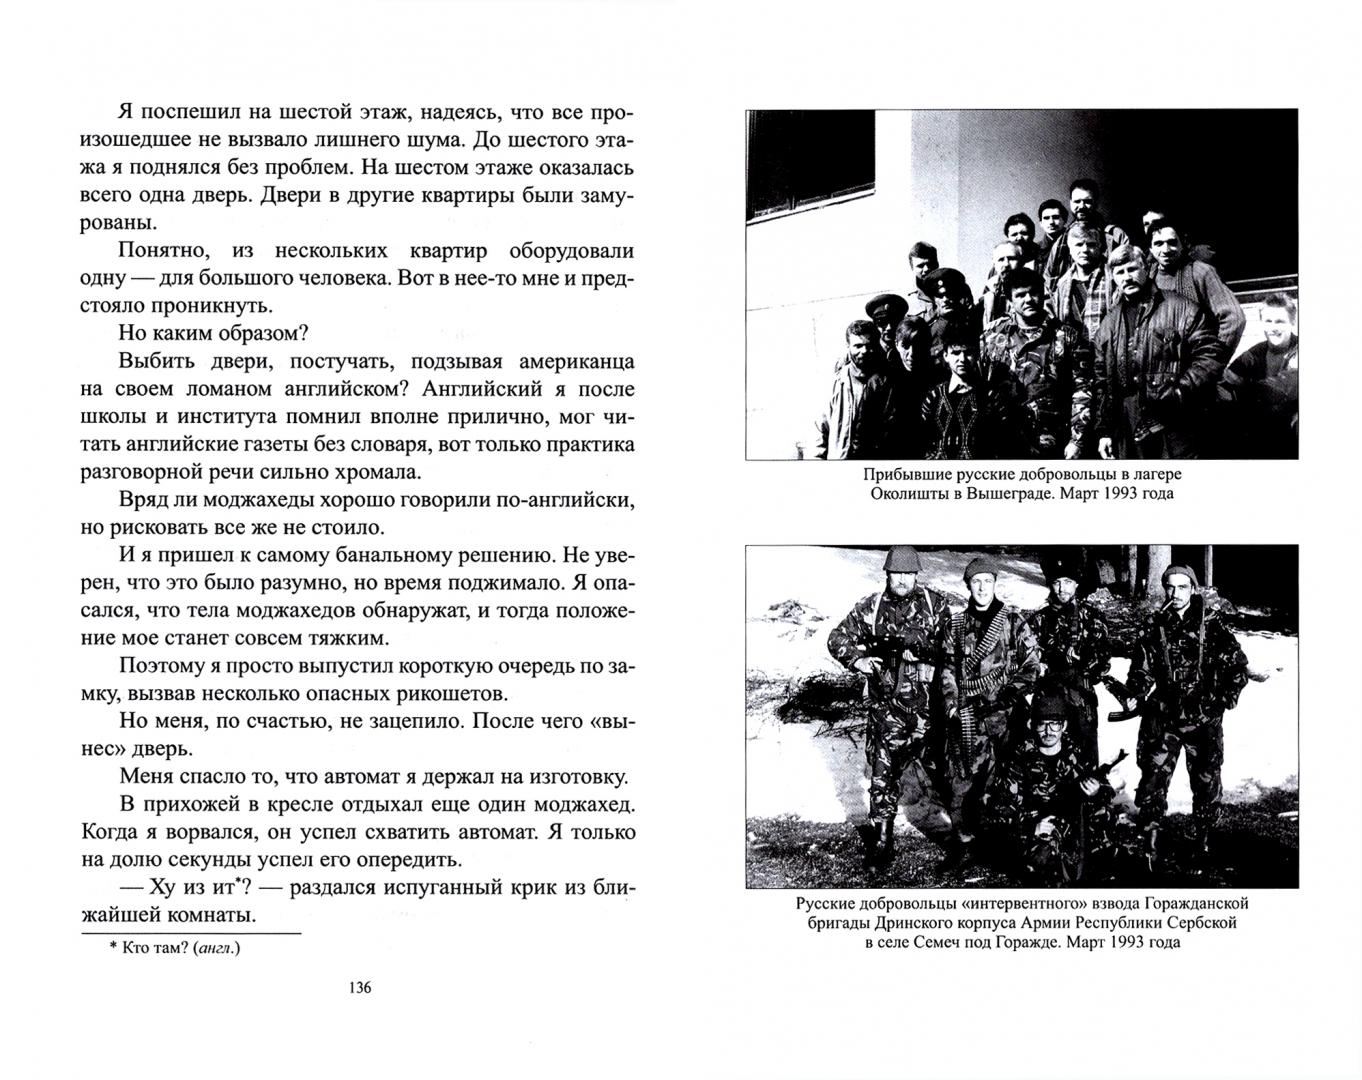 Иллюстрация 1 из 2 для Русские в Сараево. Малоизвестные страницы печальной войны - Александр Тутов | Лабиринт - книги. Источник: Лабиринт